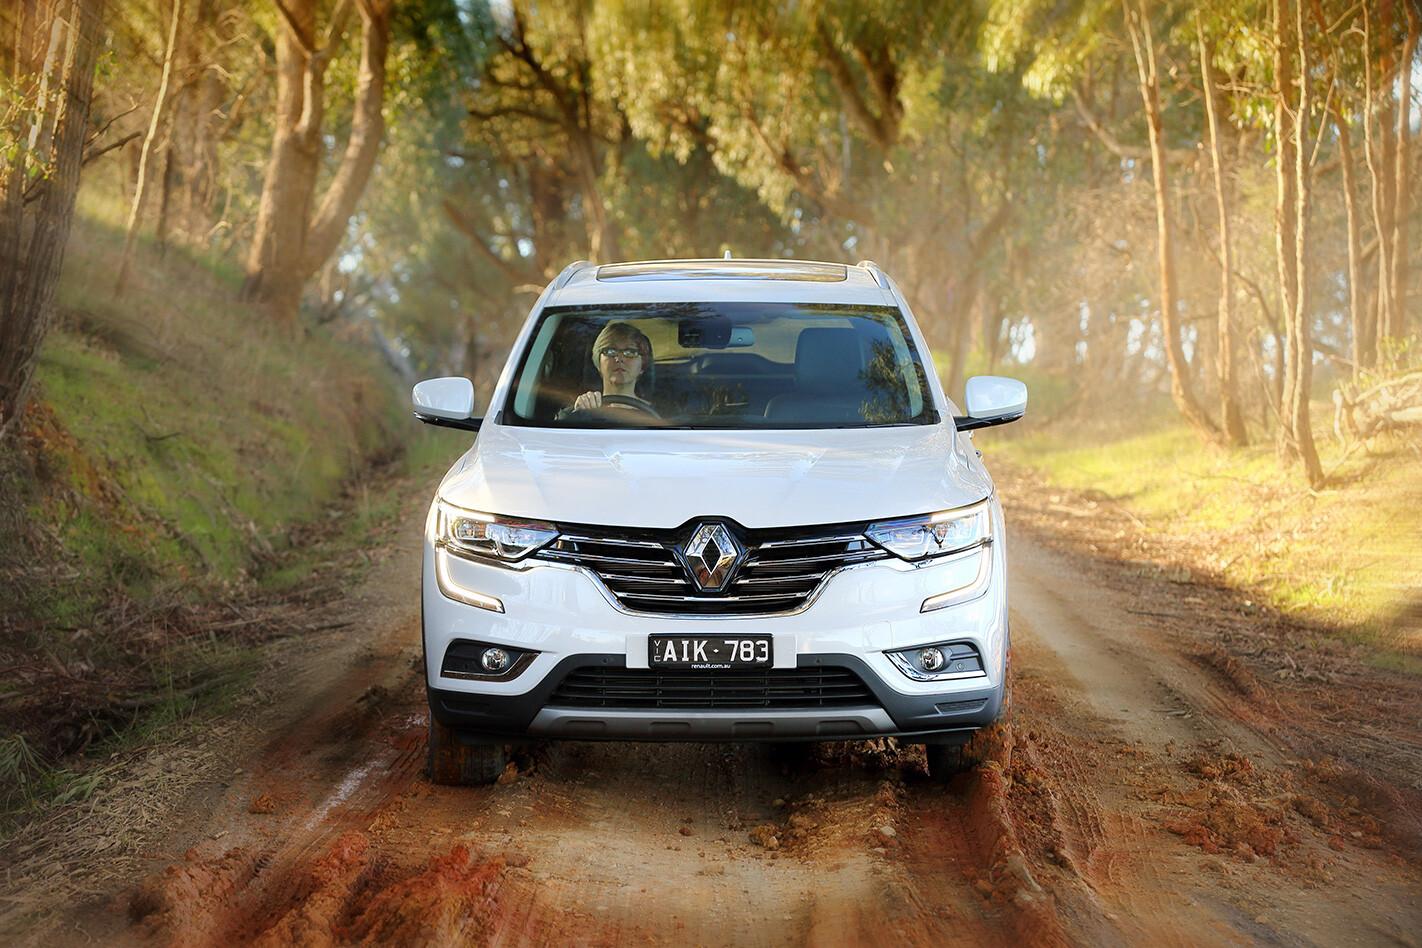 Renault Koleos Front Warp Speed Jpg